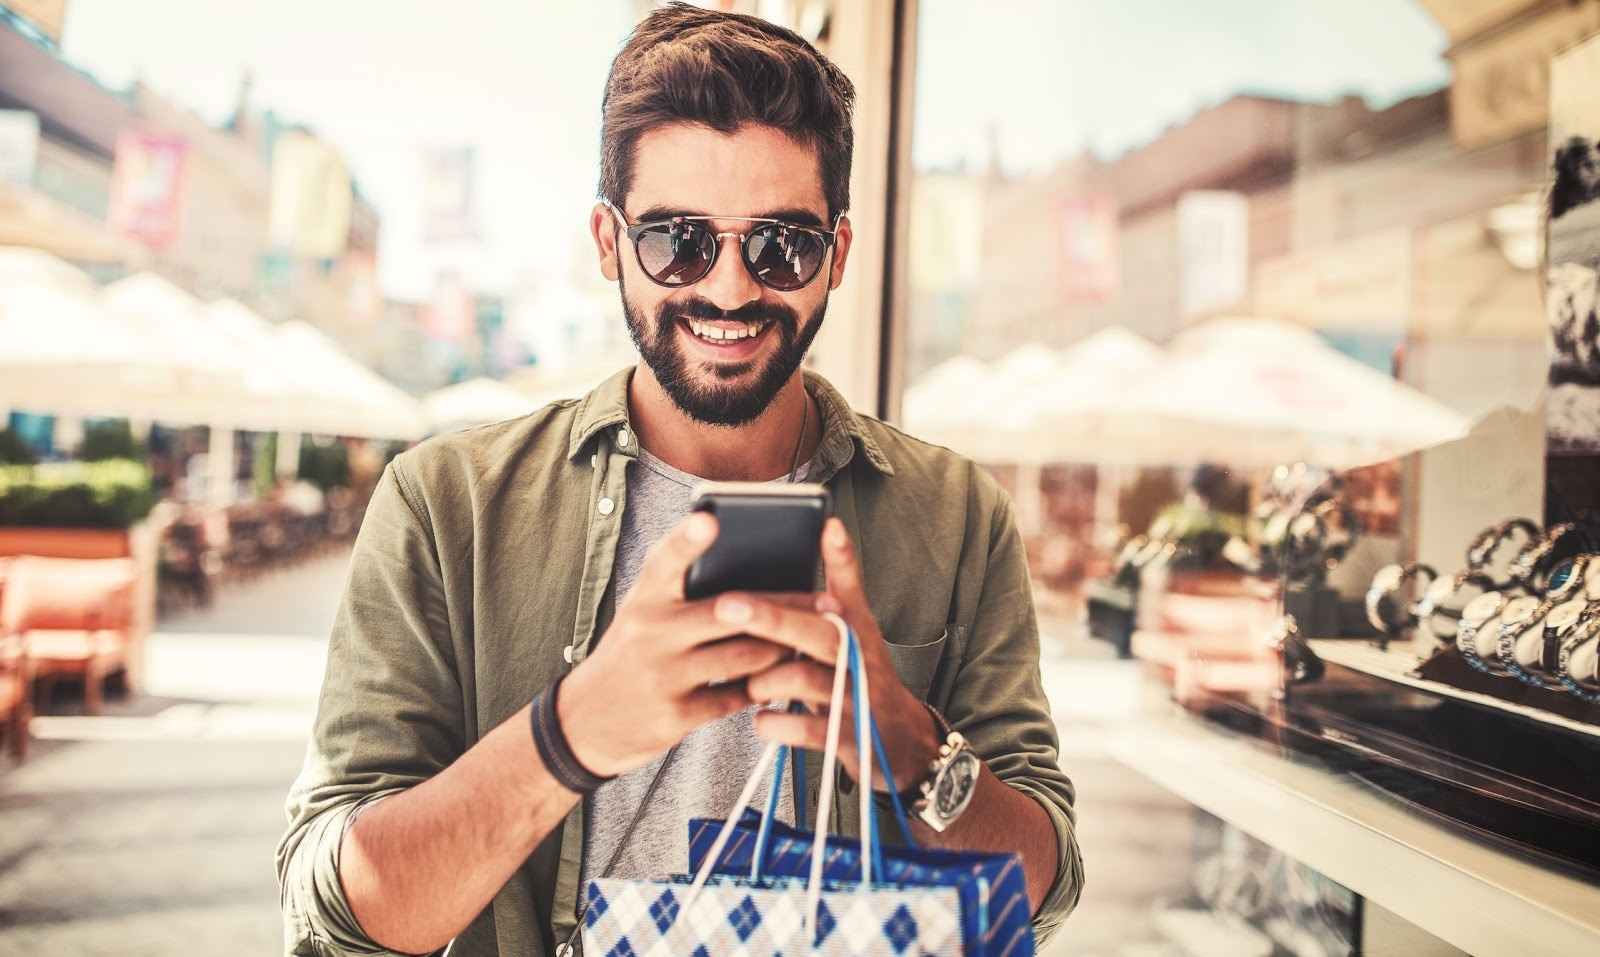 compras, celular